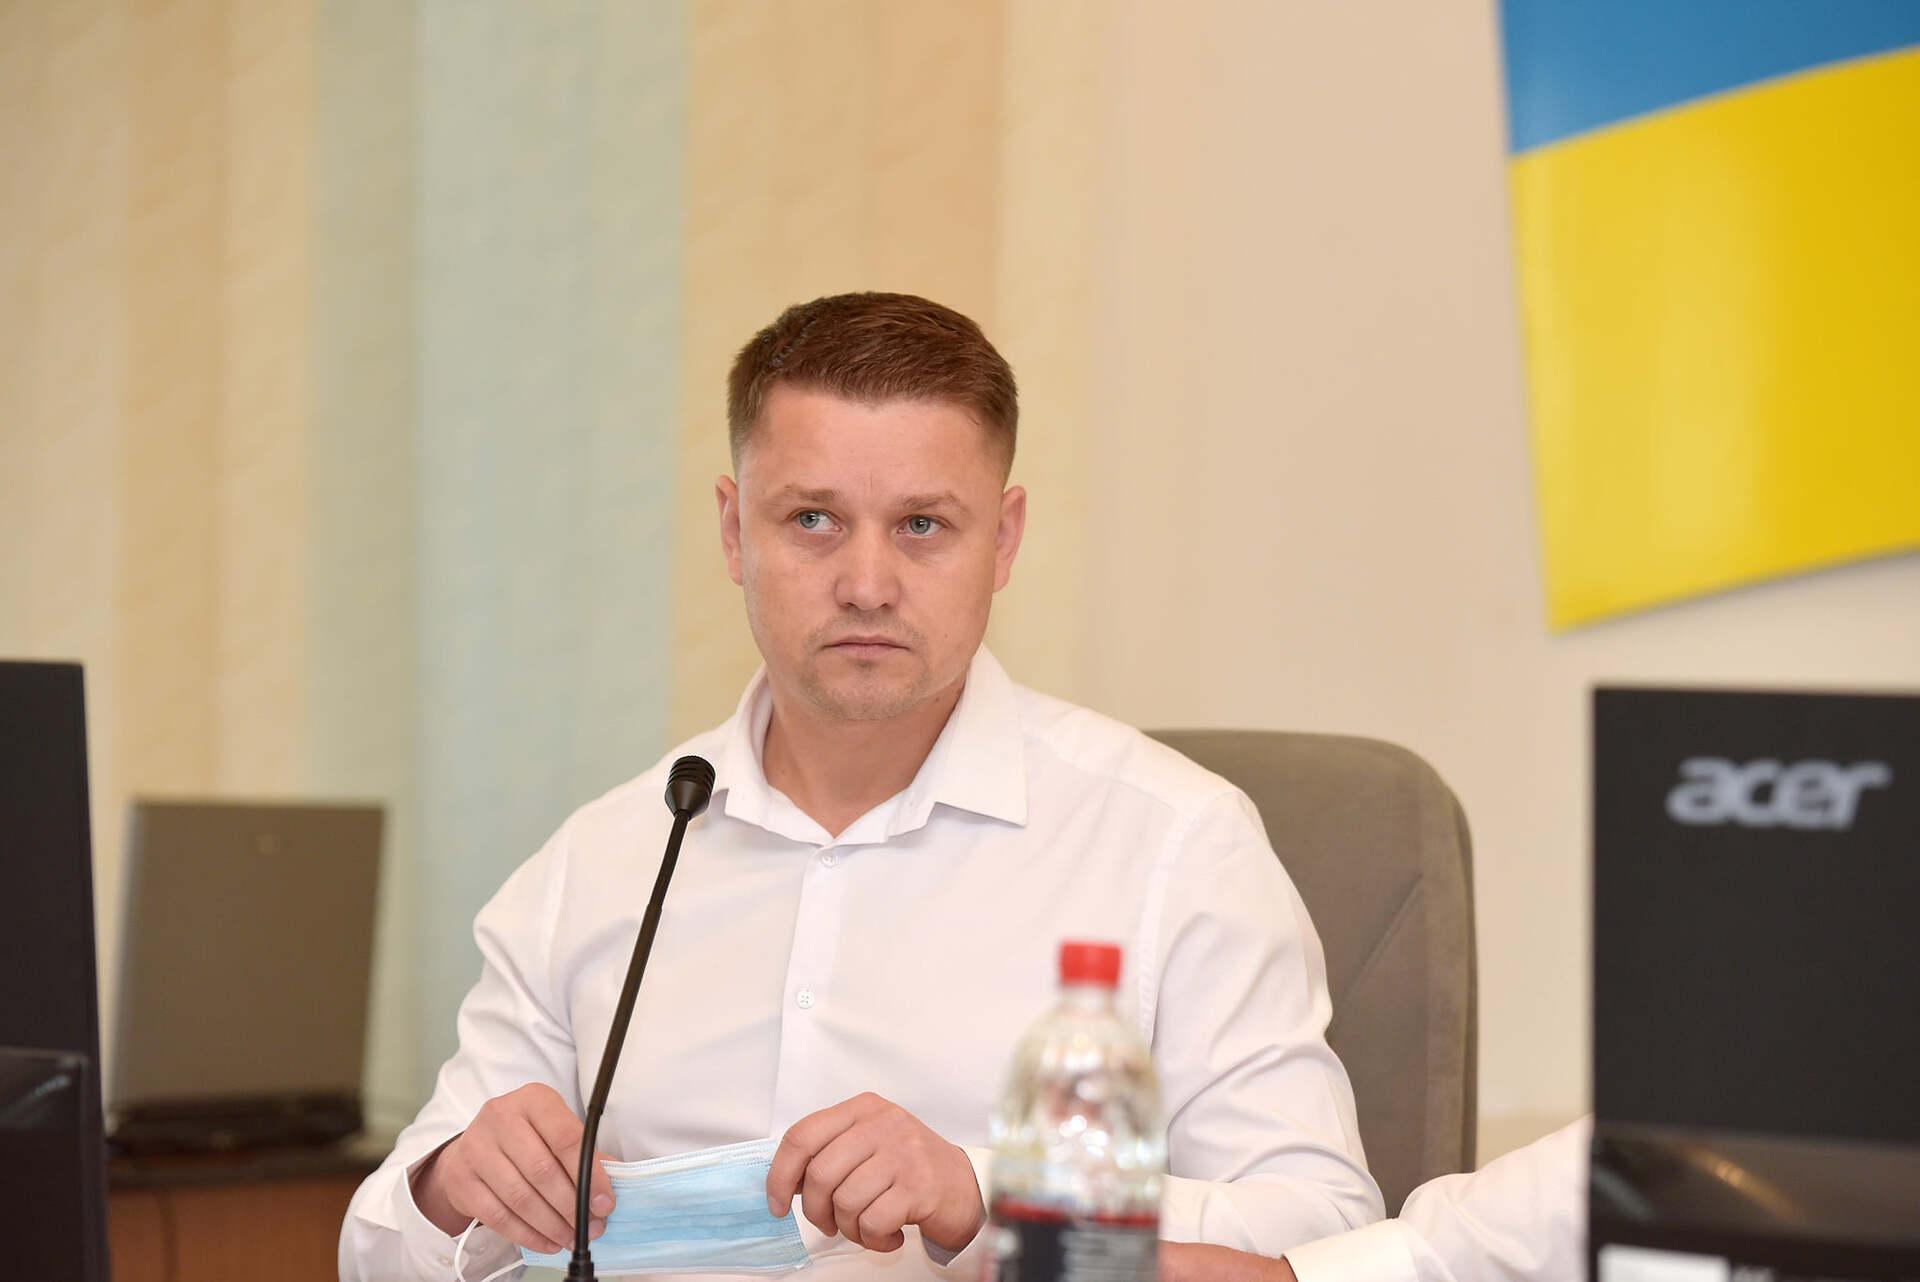 Мер Рівного Олександр Третяк. Фото - Рівненська міська рада.